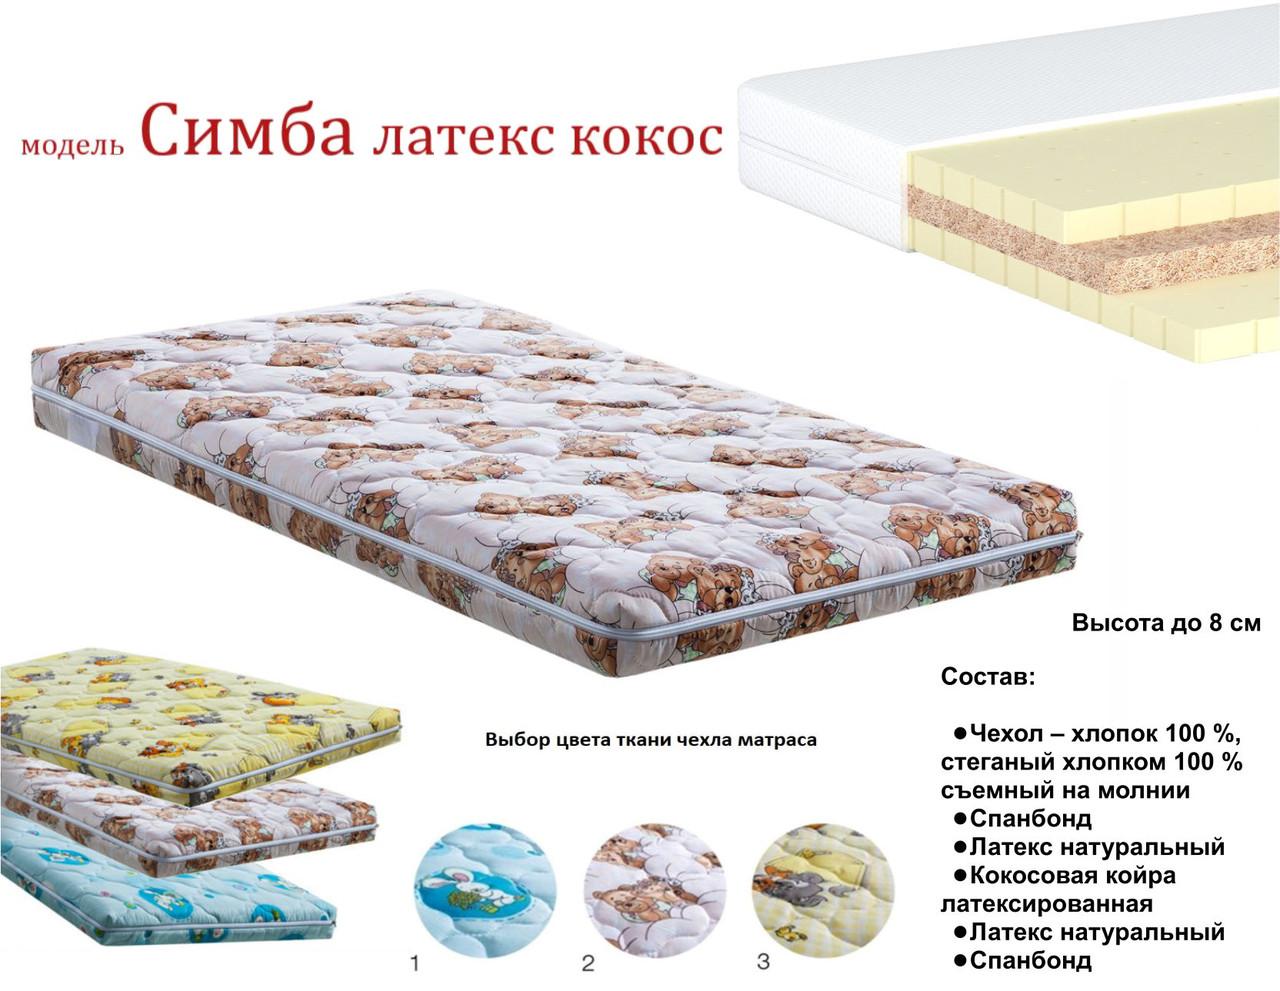 Матрас SIMBA Latex-kokos / СИМБА Латекс-кокос